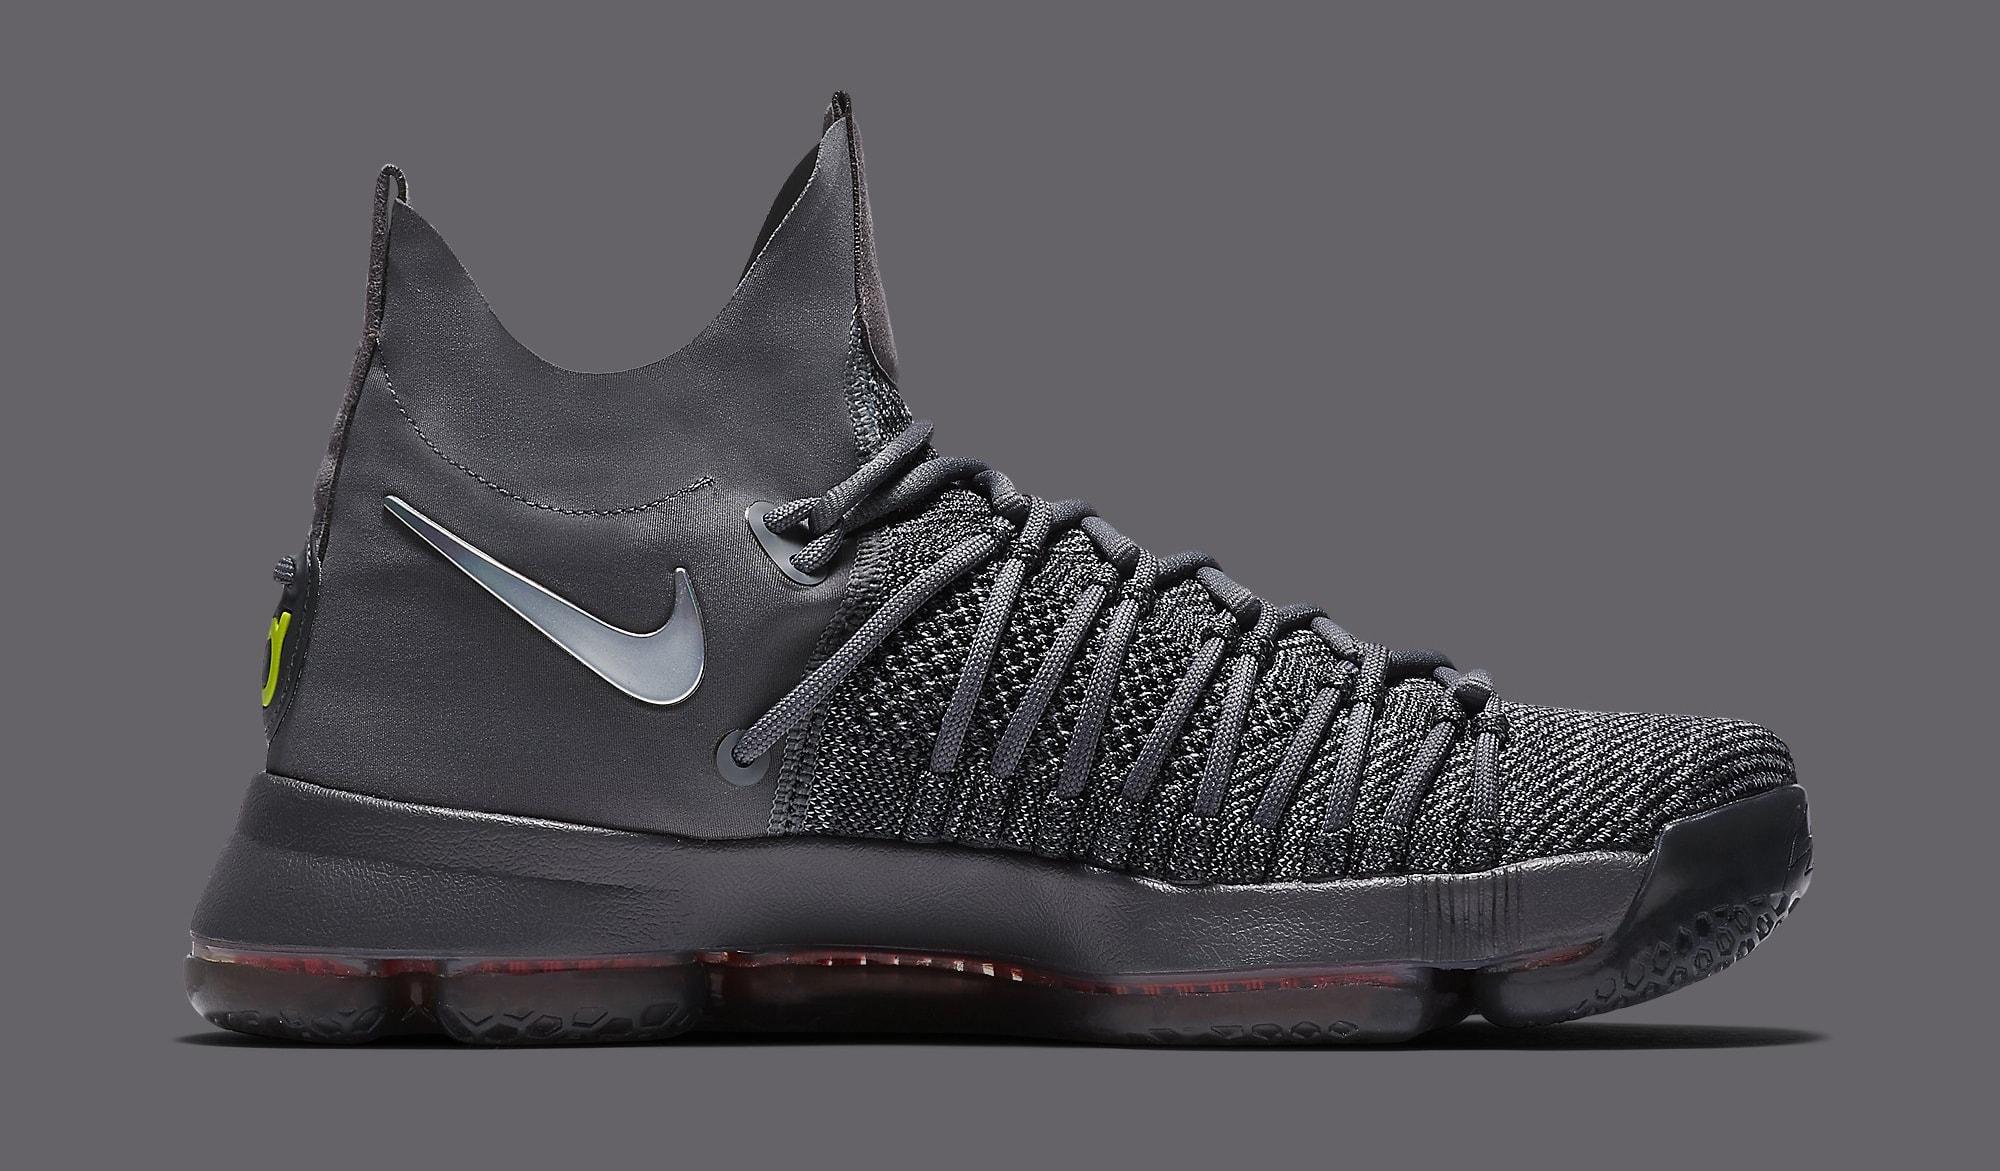 cb829915ca9b1 Image via Nike Nike KD 9 Elite TS EP 909140-013 Grey Medial